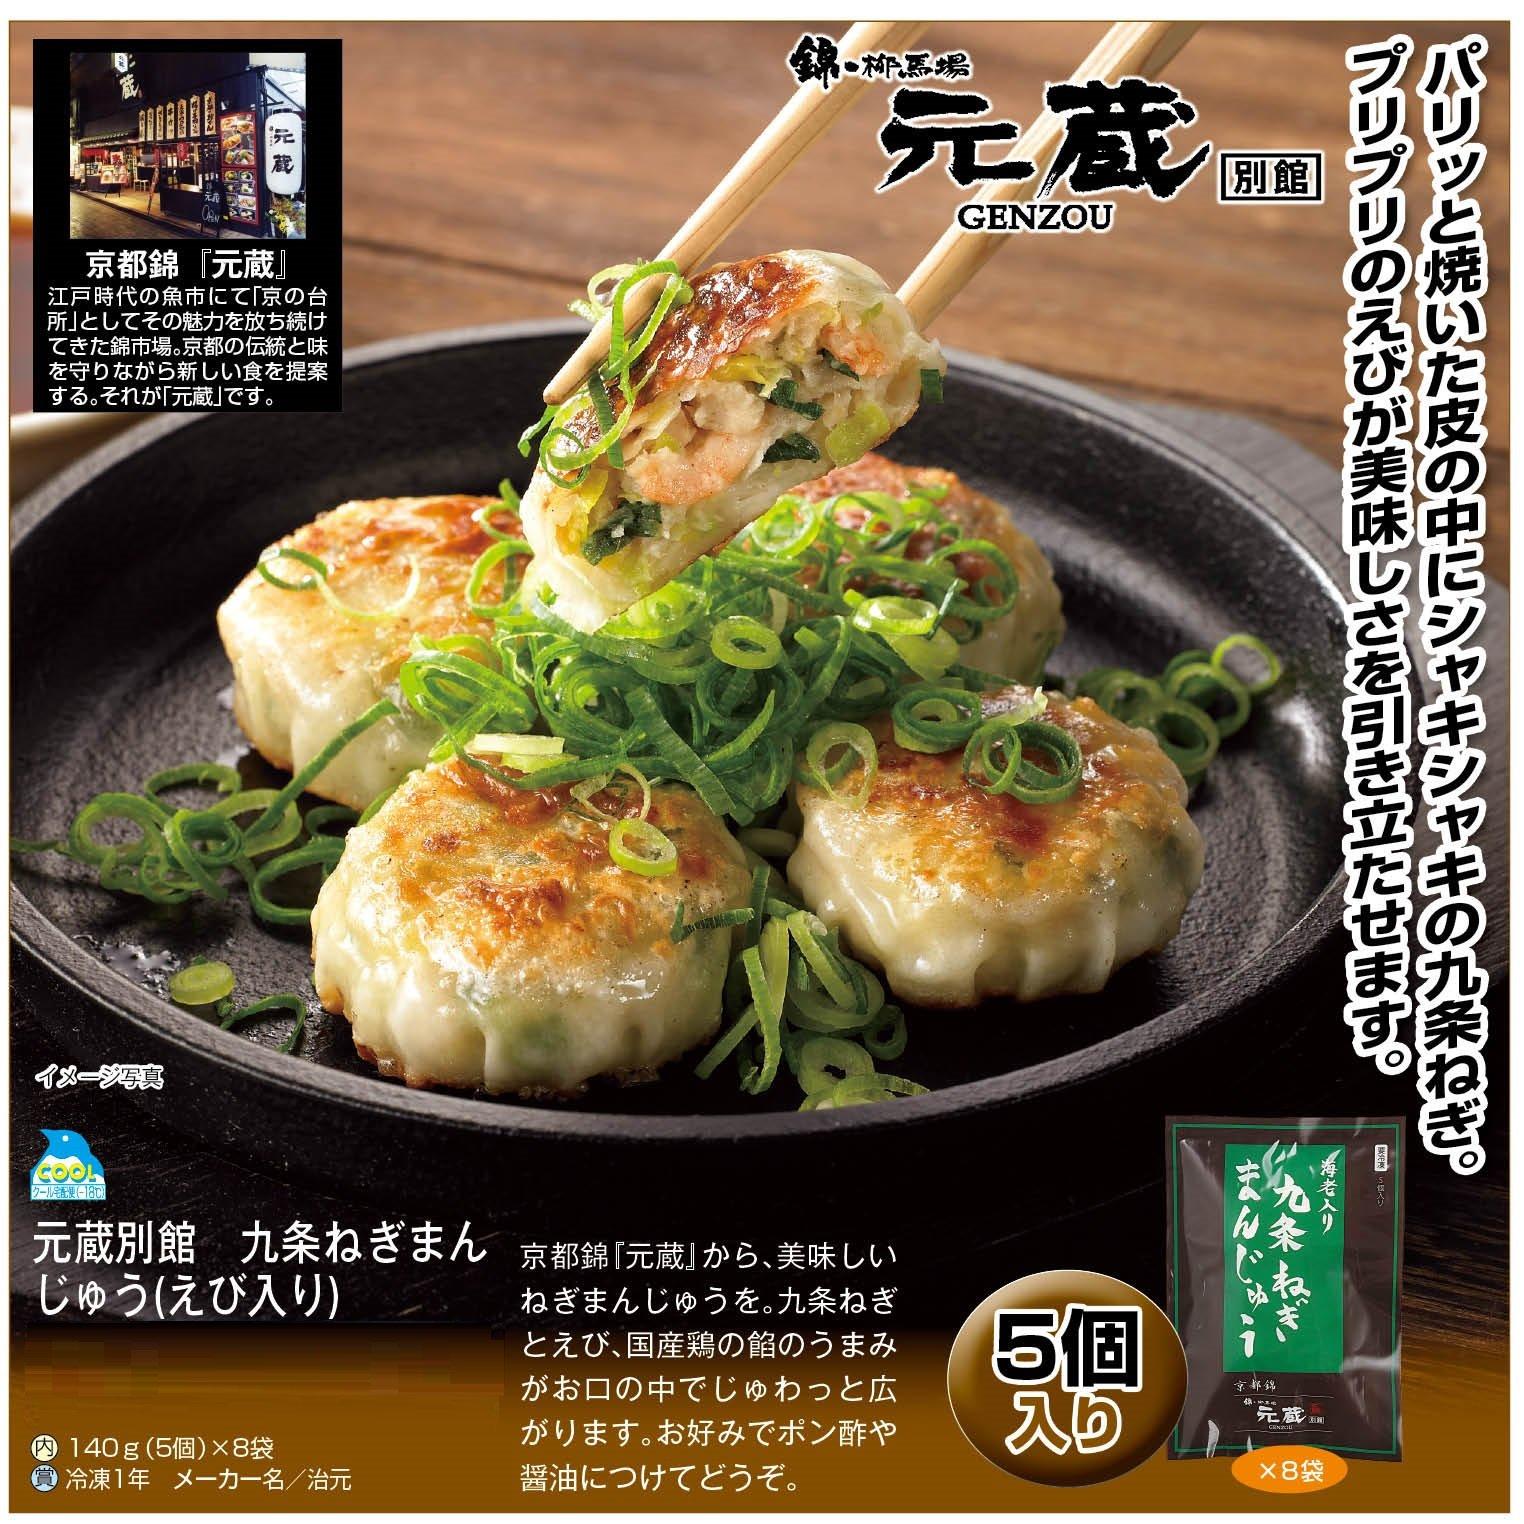 元蔵別館 九条ねぎまんじゅう(えび入り) 140g(5個)×8袋